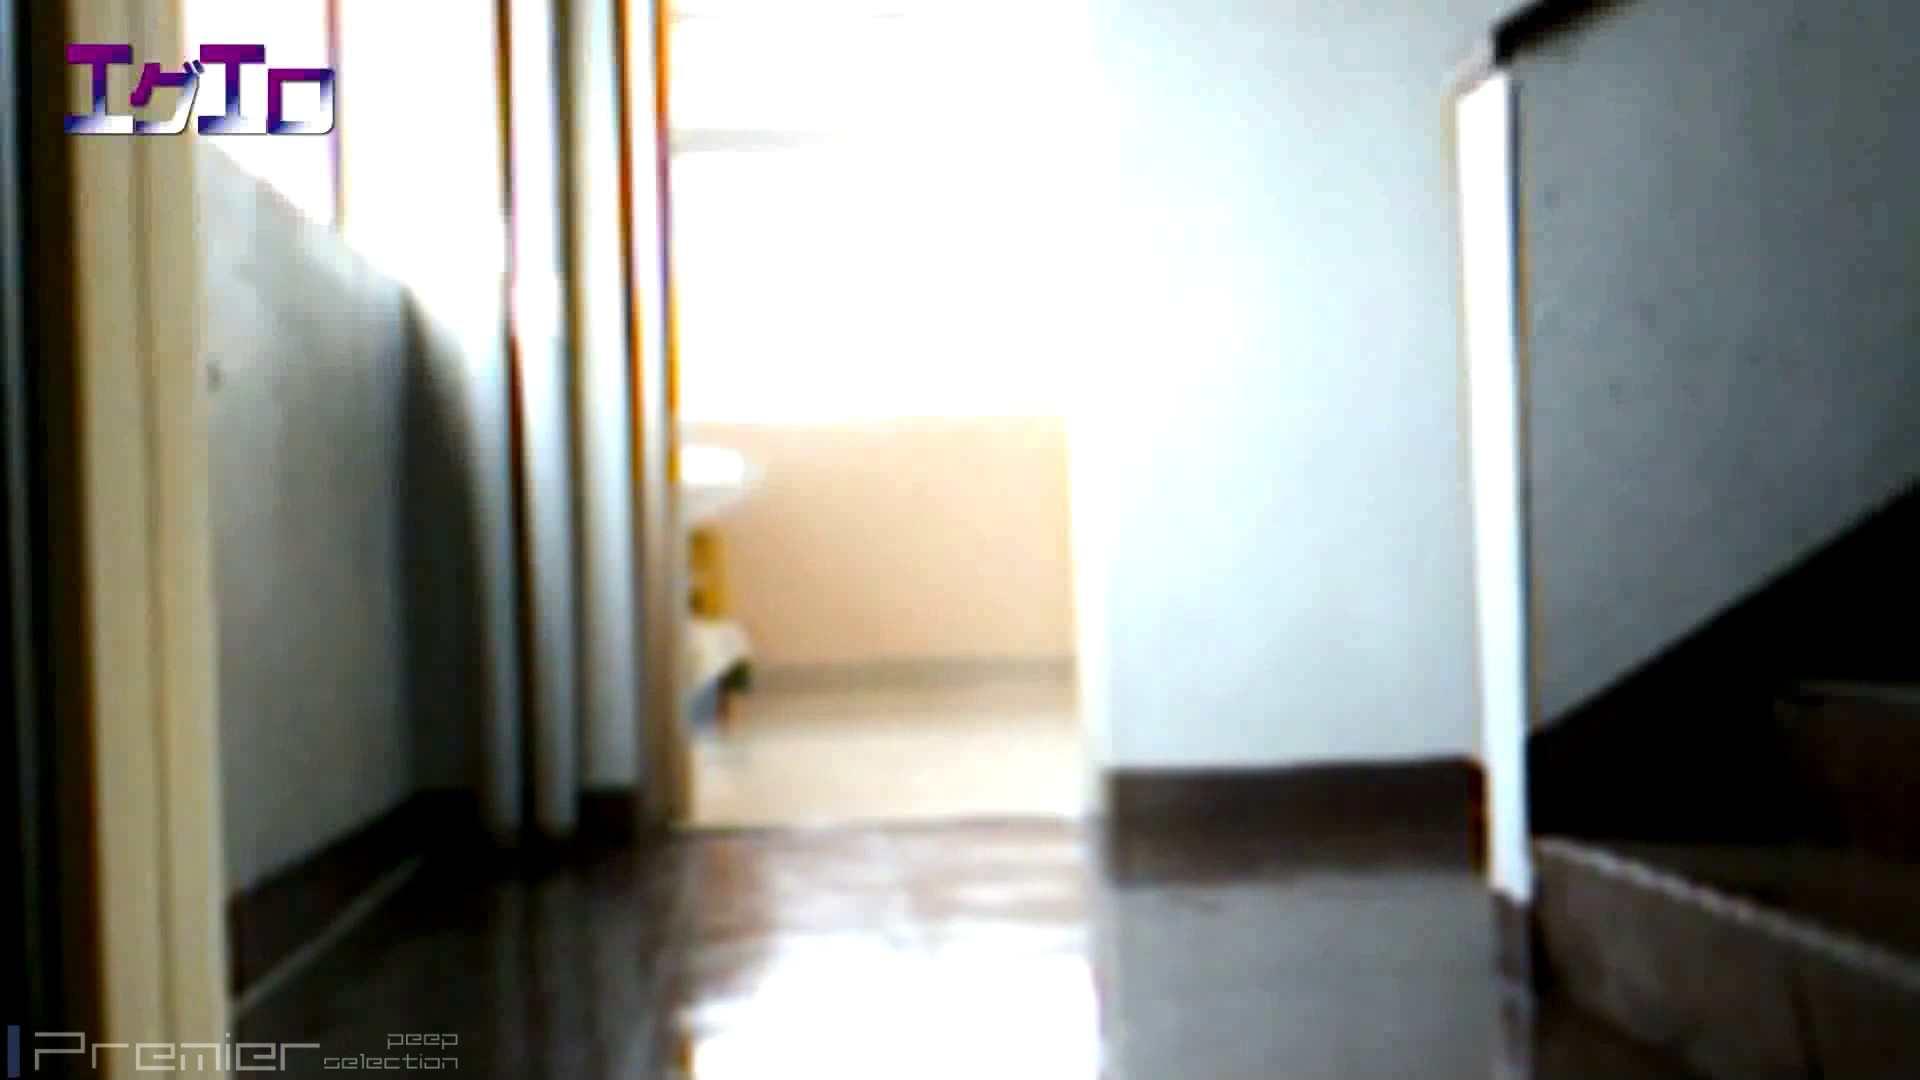 至近距離洗面所 Vol.10ブルージーンズギャルの大放nyo 洗面所 エロ画像 59pic 56